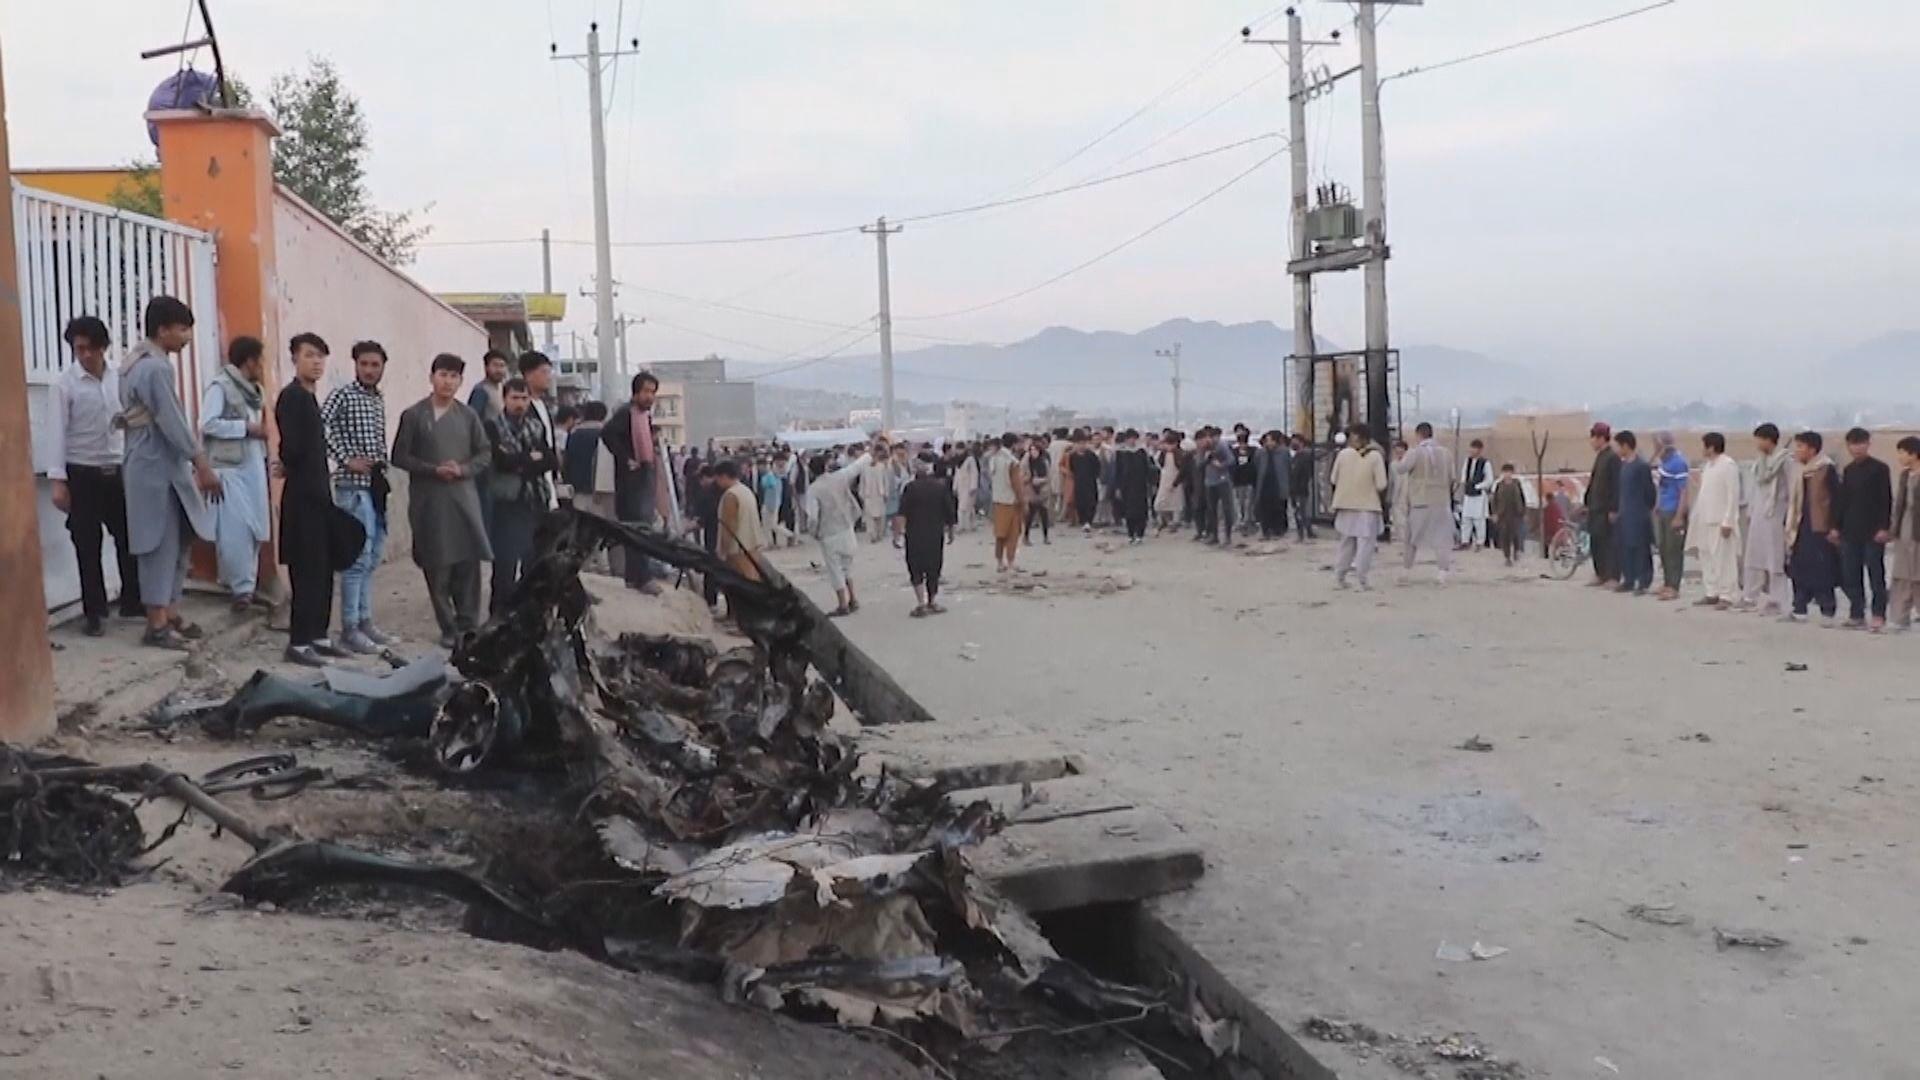 阿富汗女校外汽車炸彈爆炸增至55人死亡